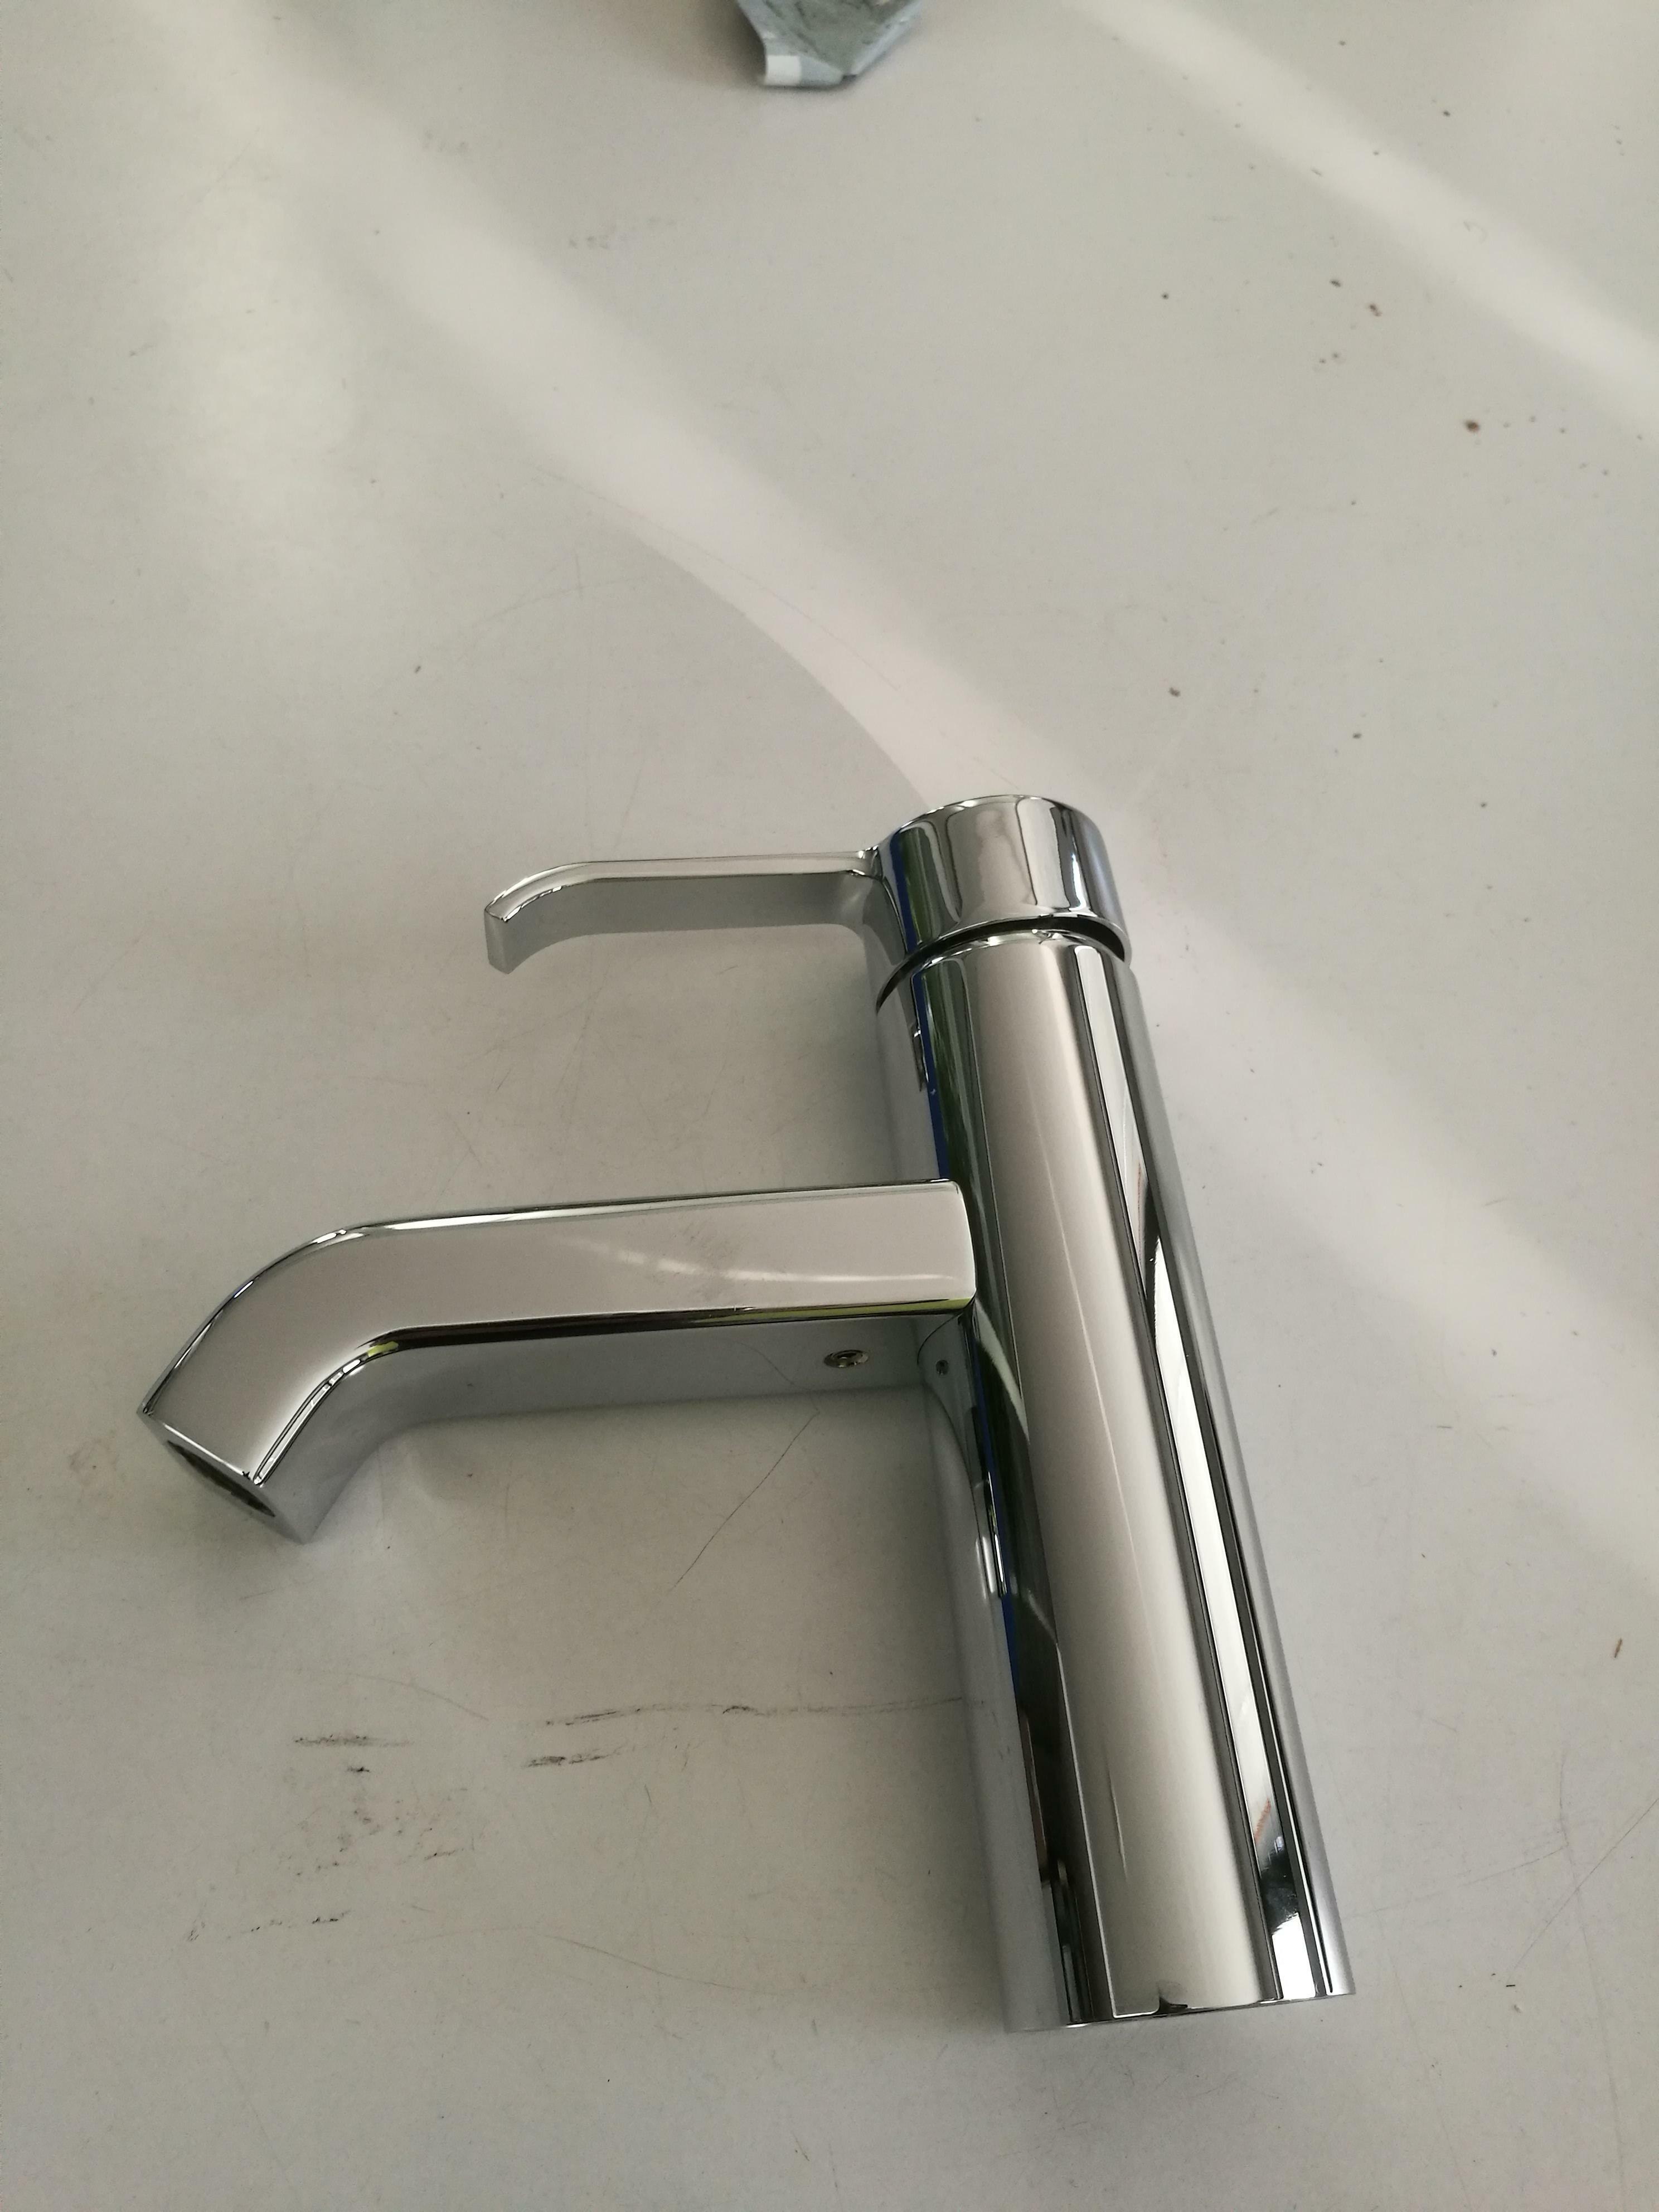 zucchetti zucchetti miscelatore on lavabo con scarico cod.zon595